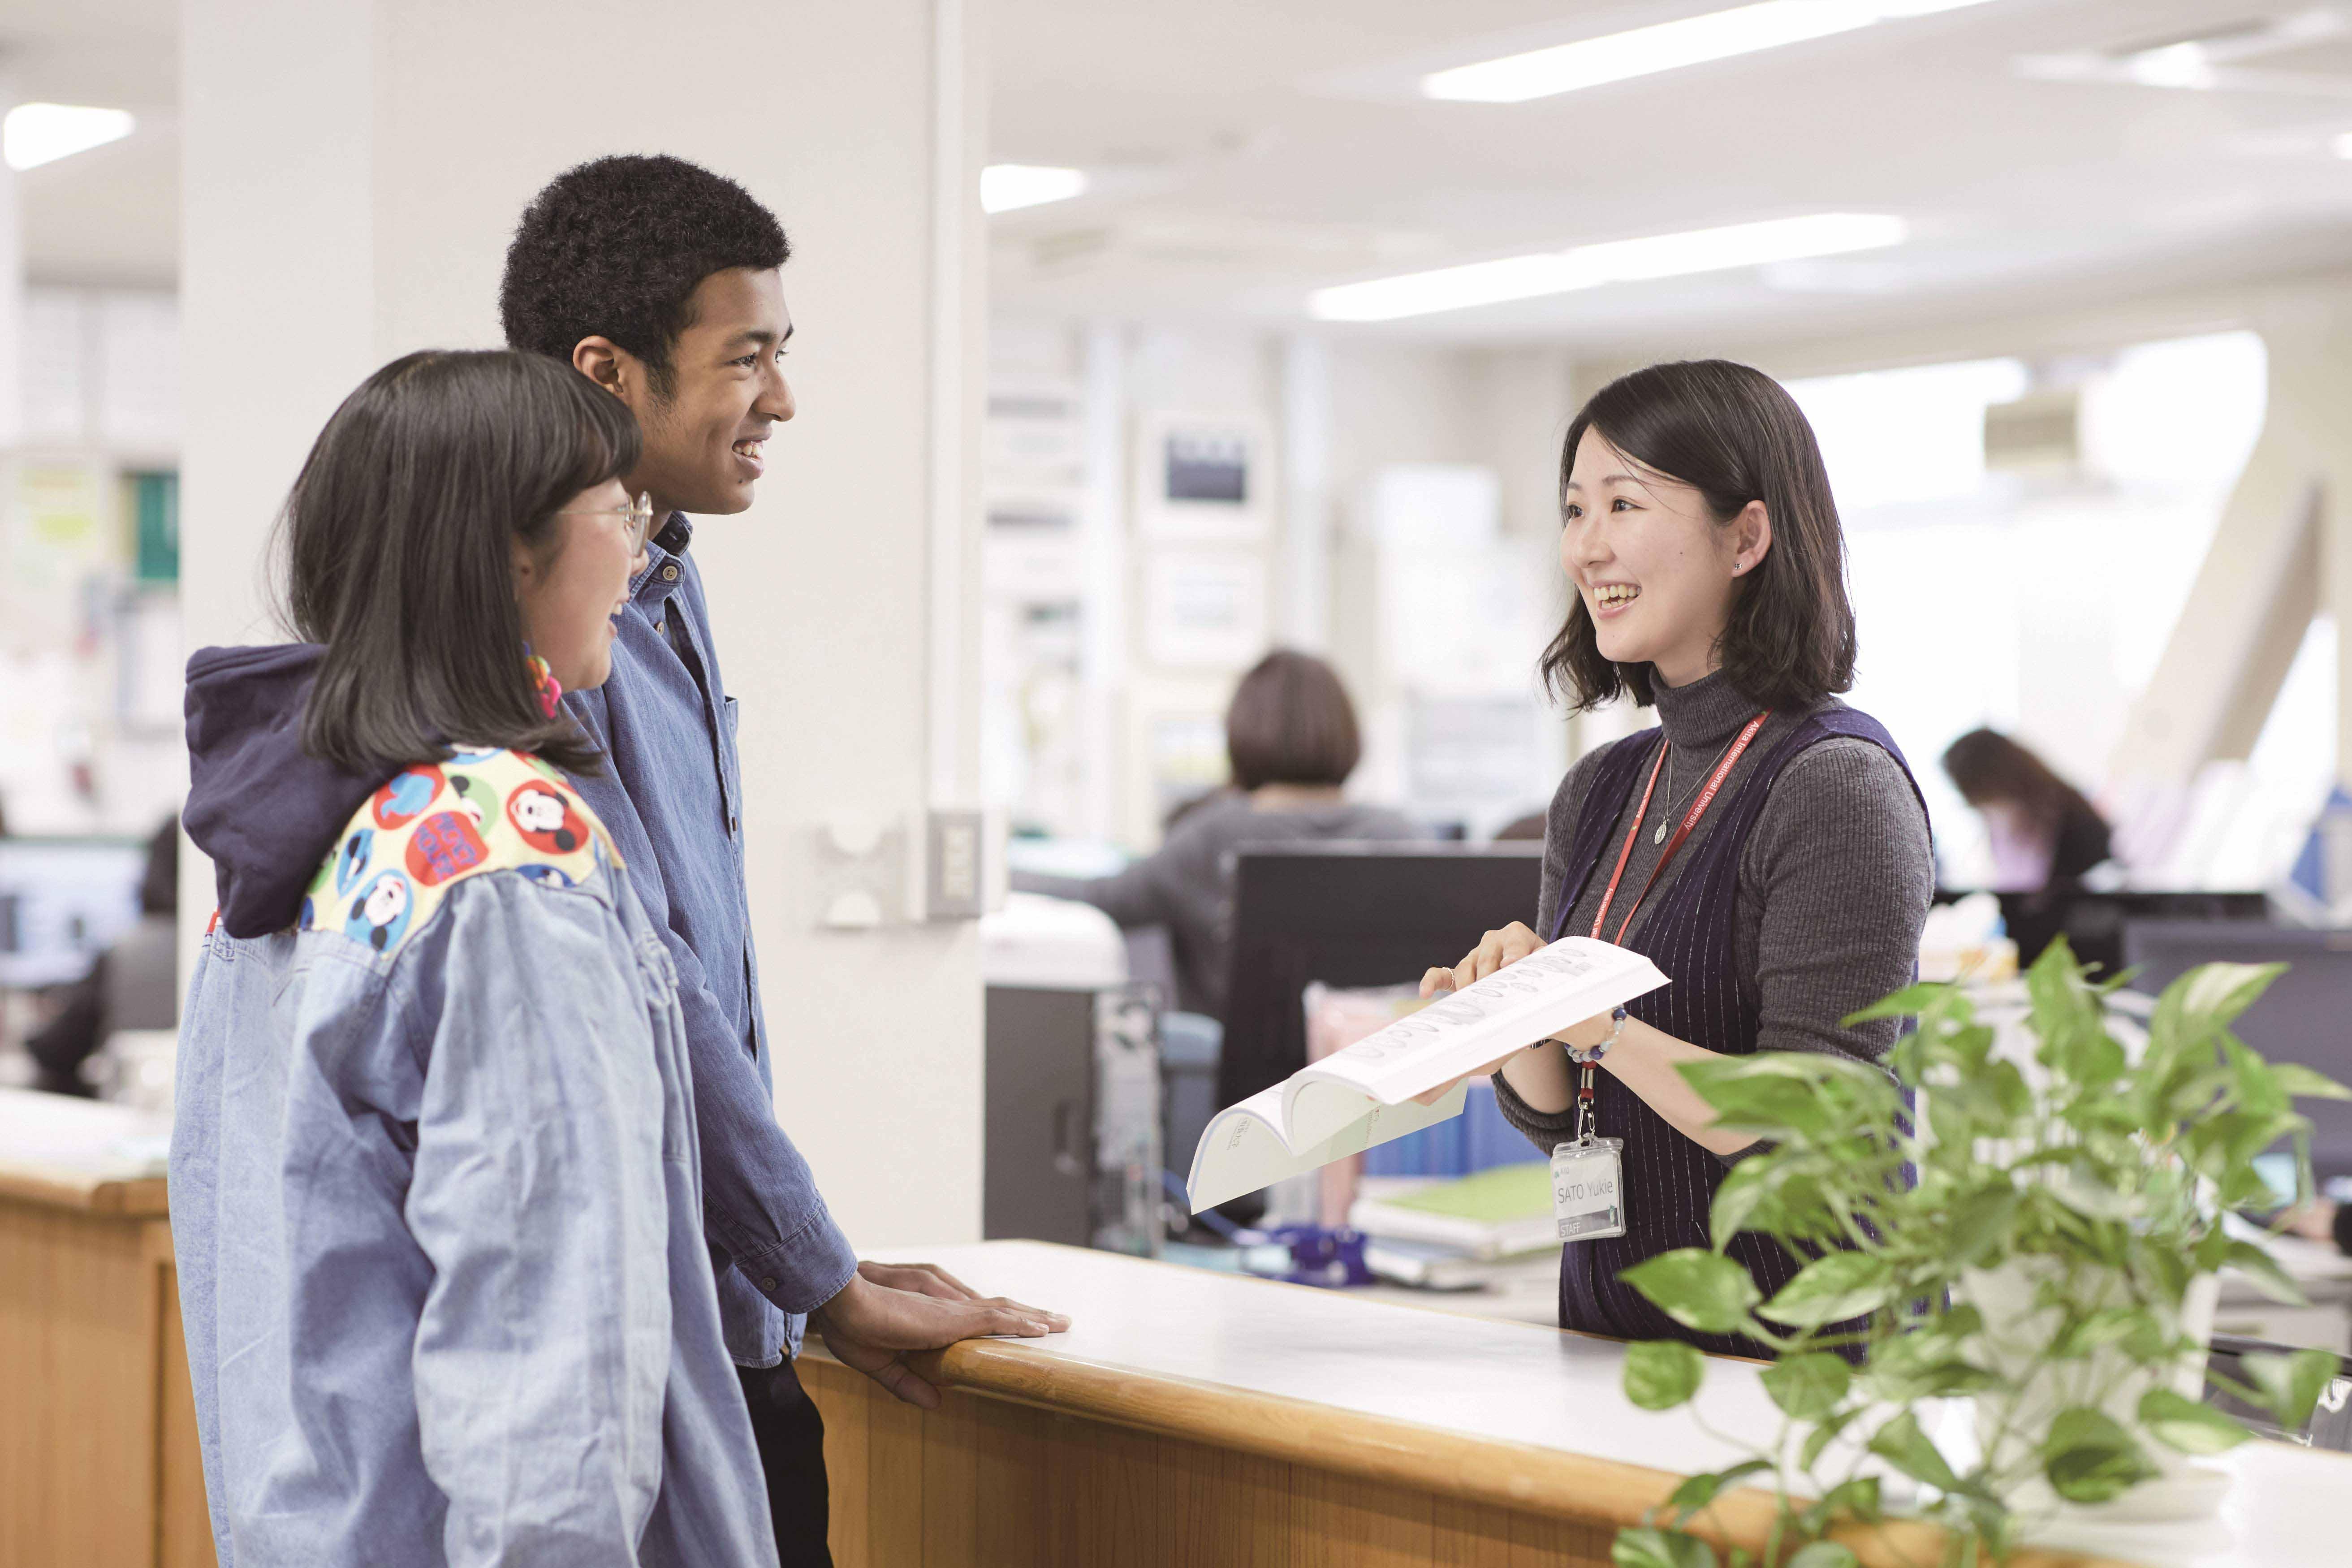 事務局内で職員に相談する学生の写真